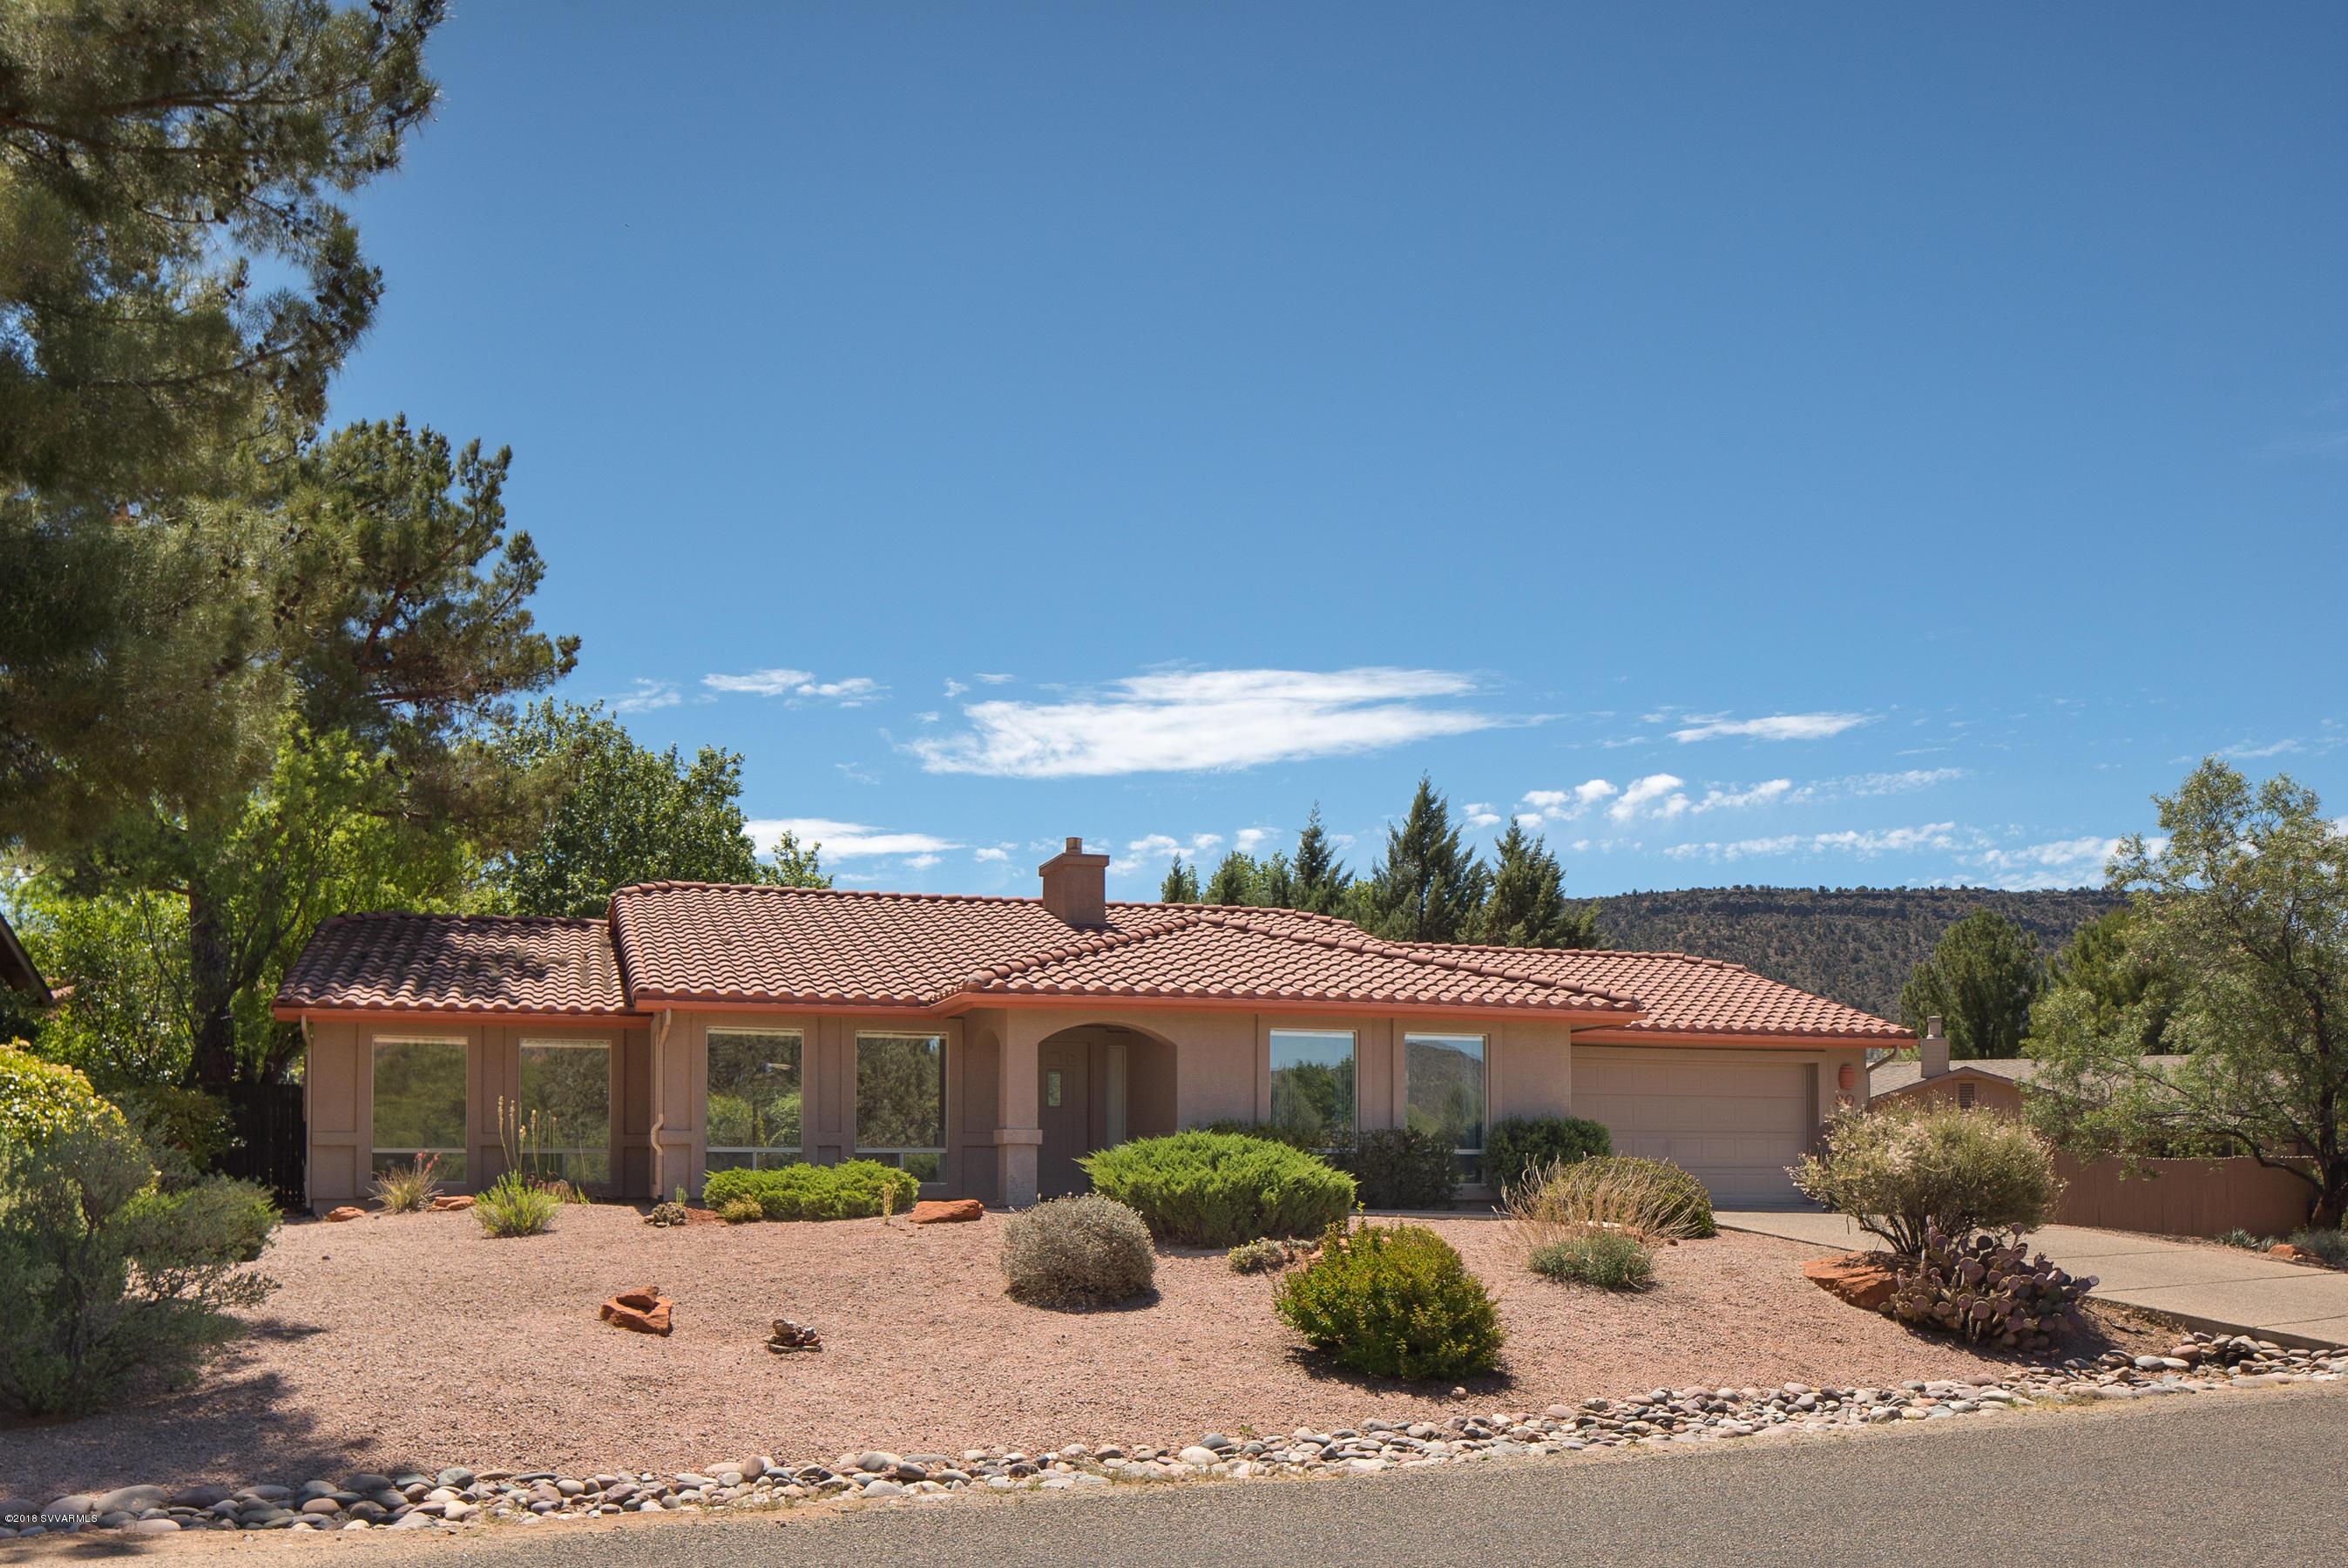 80 Stone Way Sedona, AZ 86351